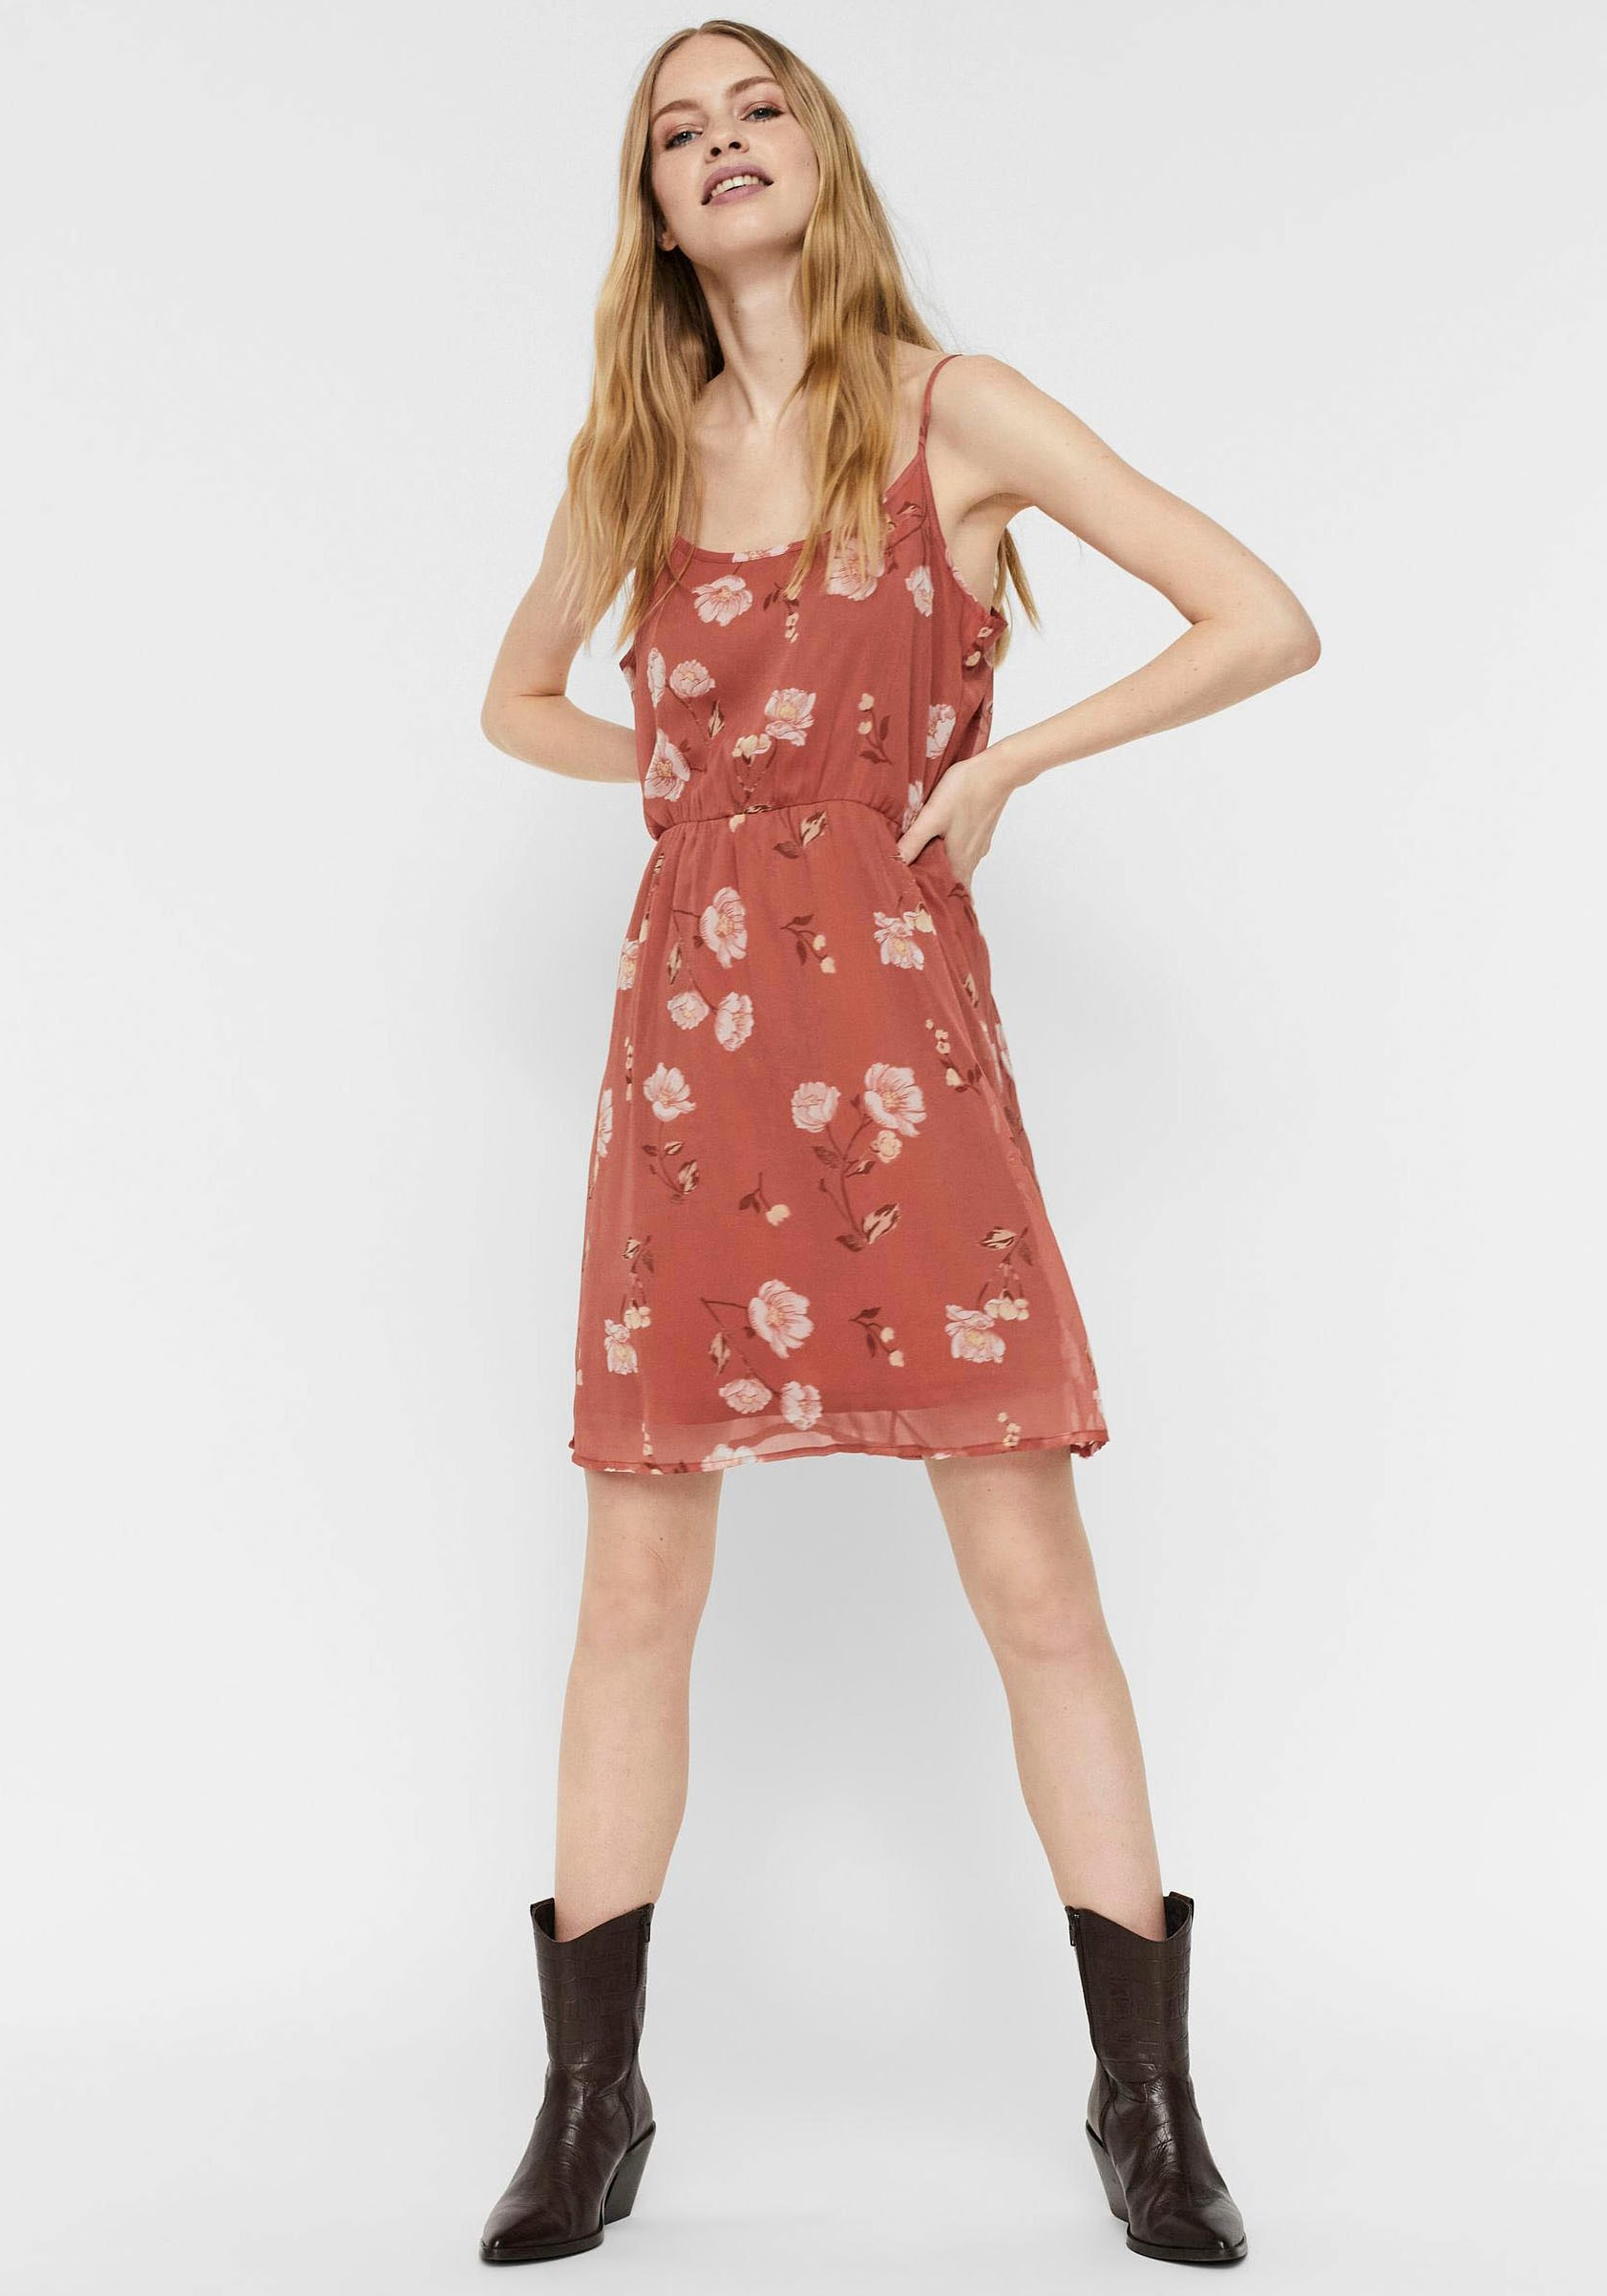 Vero Moda Sommerkleid »VMMELLIE SINGLET DRESS« im OTTO Online Shop